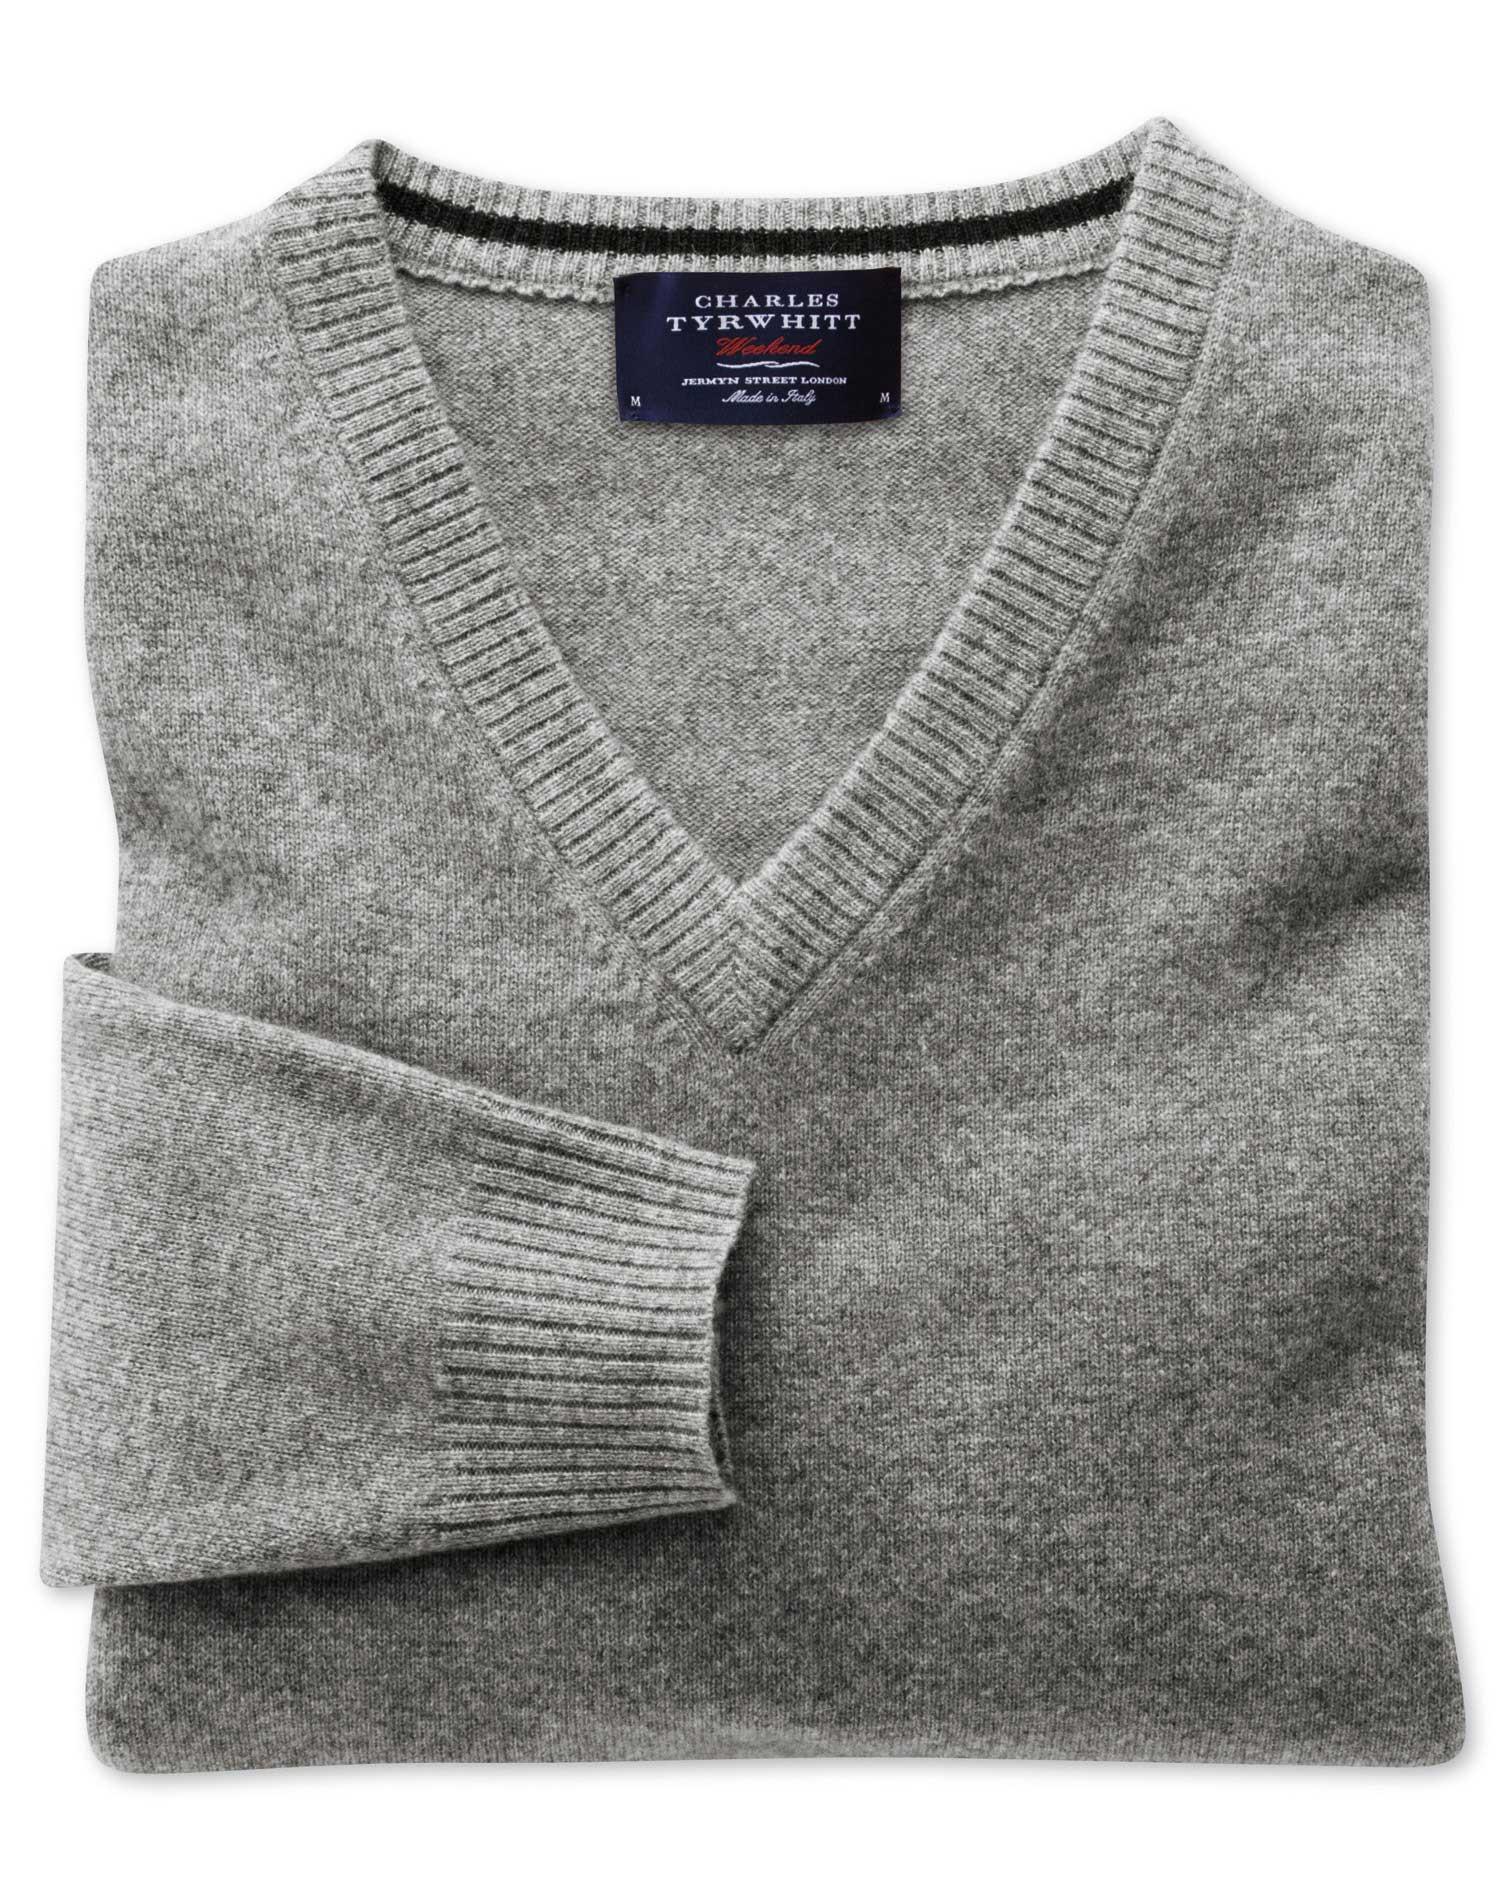 Silver Grey Cashmere V-Neck Jumper Size Medium by Charles Tyrwhitt